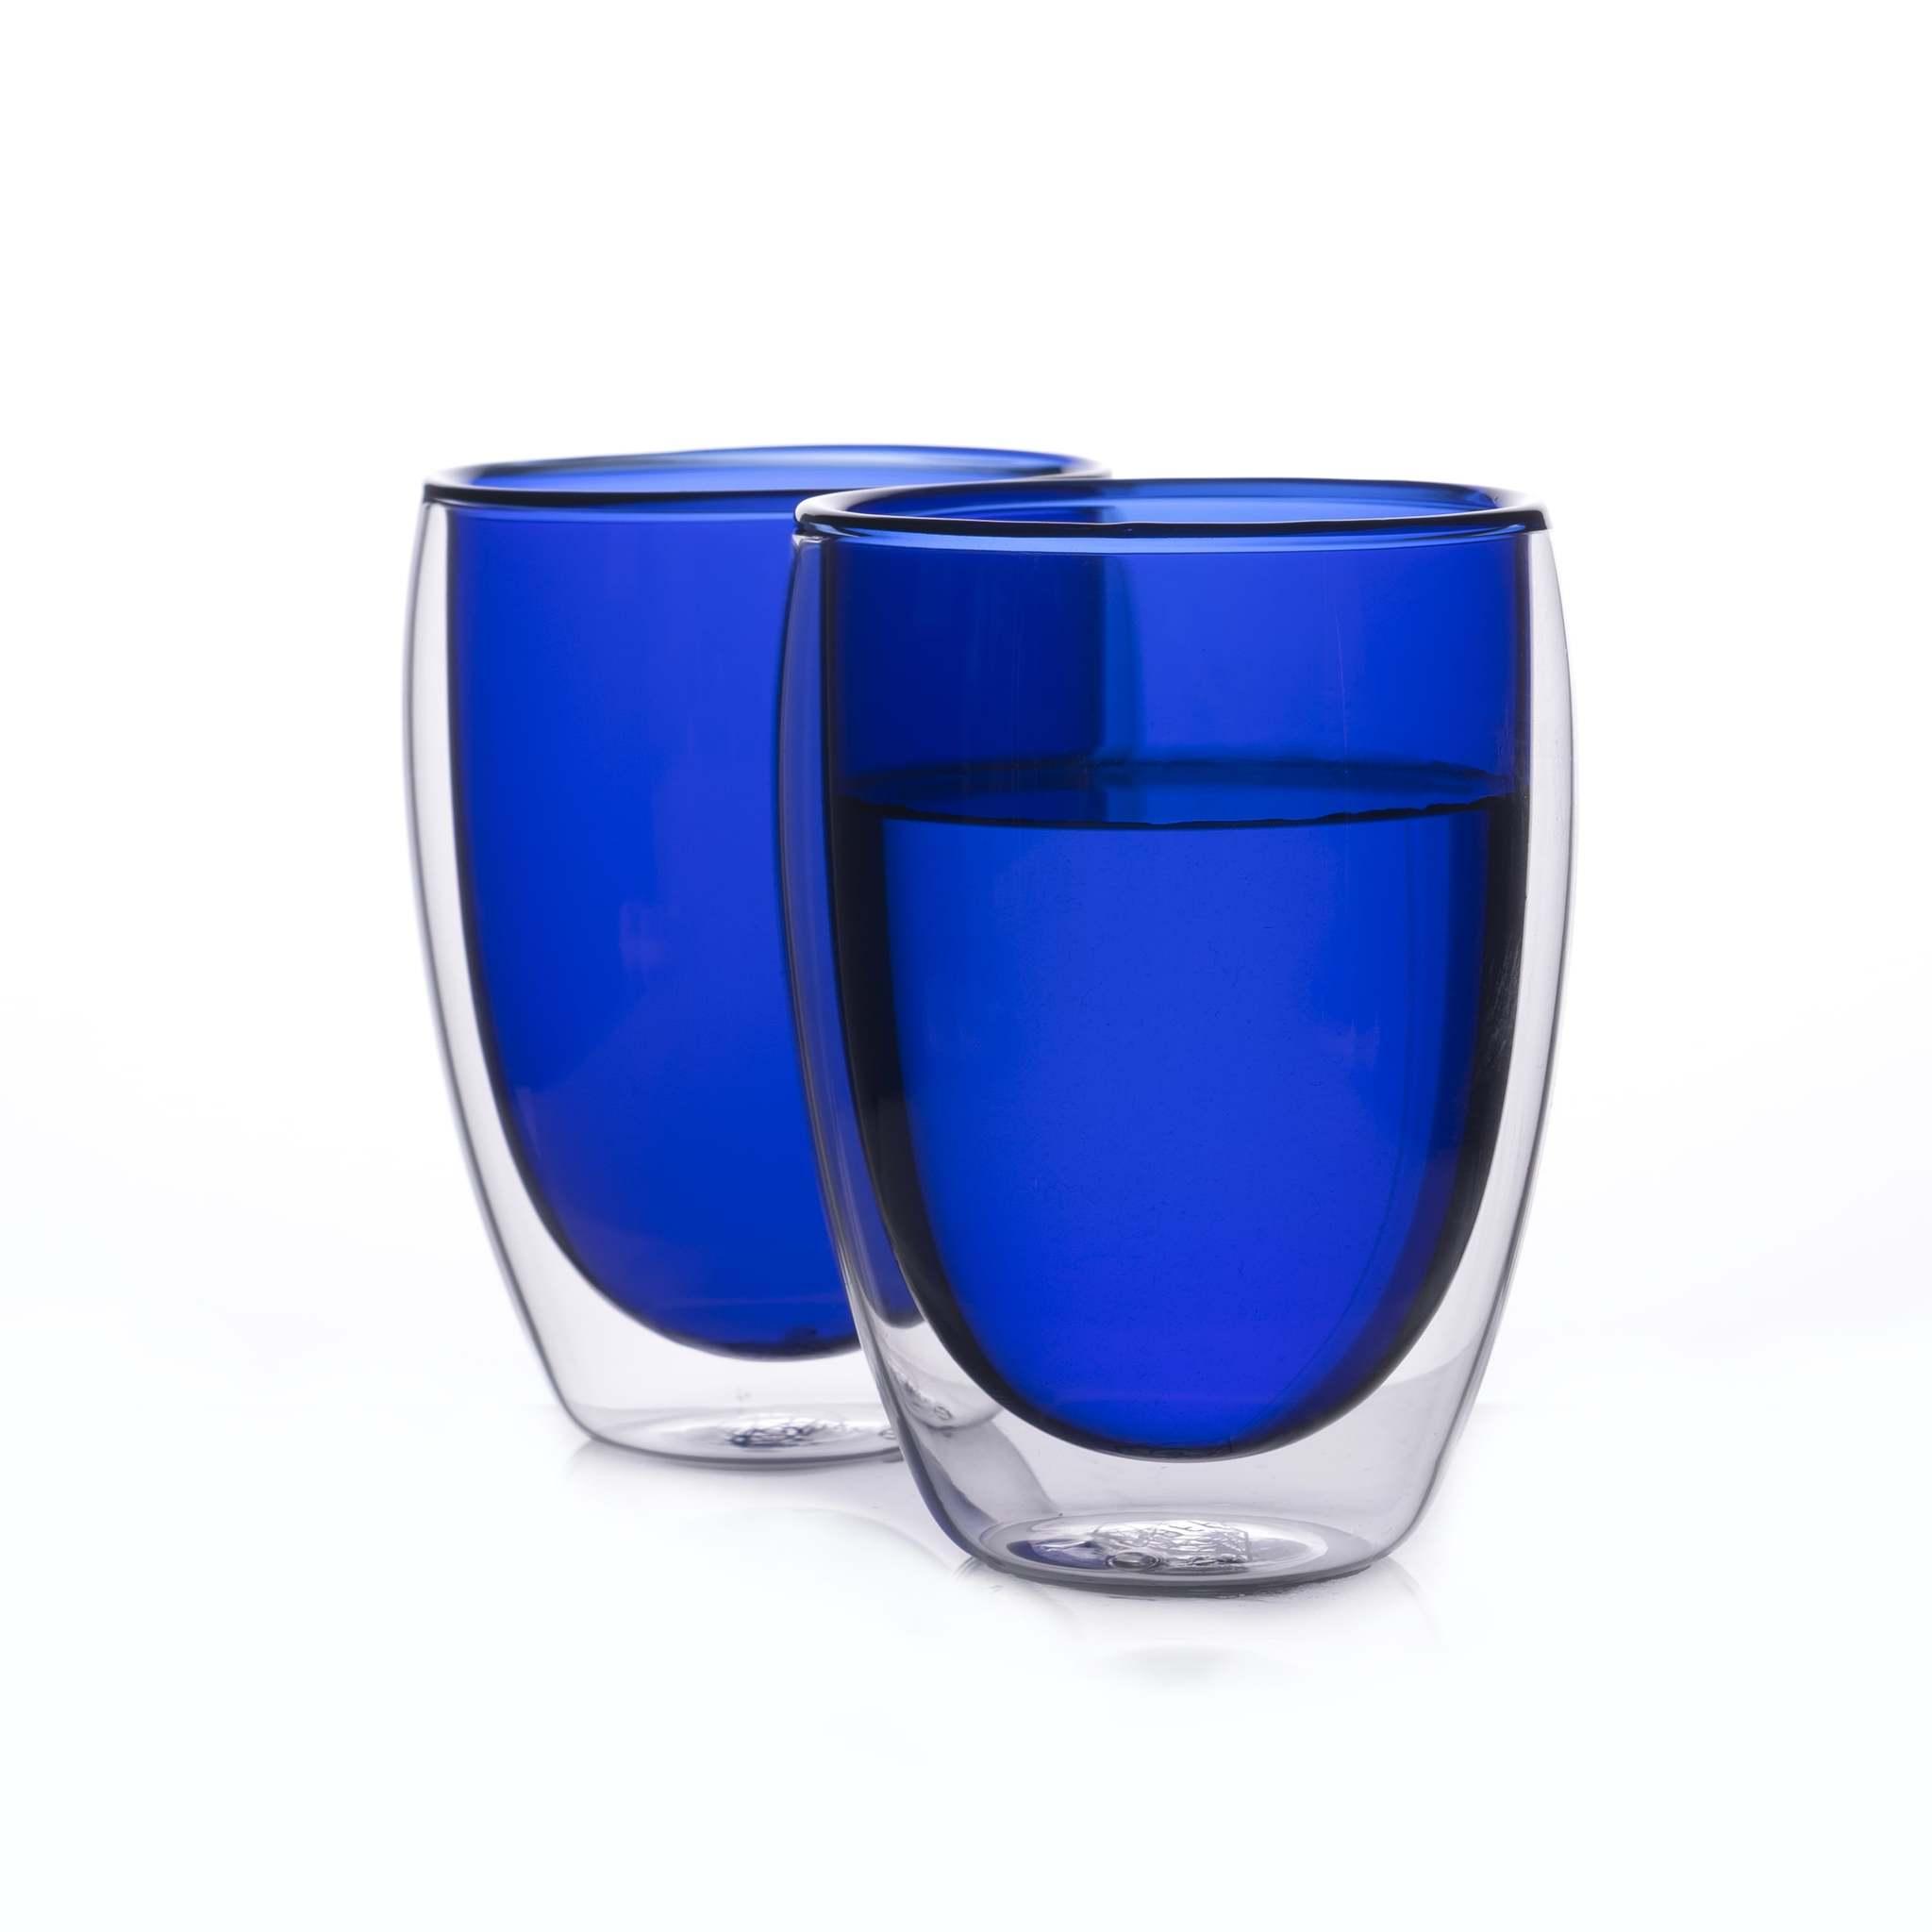 Цветные стаканы и кружки Стеклянные стаканы с двойными стенками синего цвета 2 штуки, 350 мл синий2-min.jpg